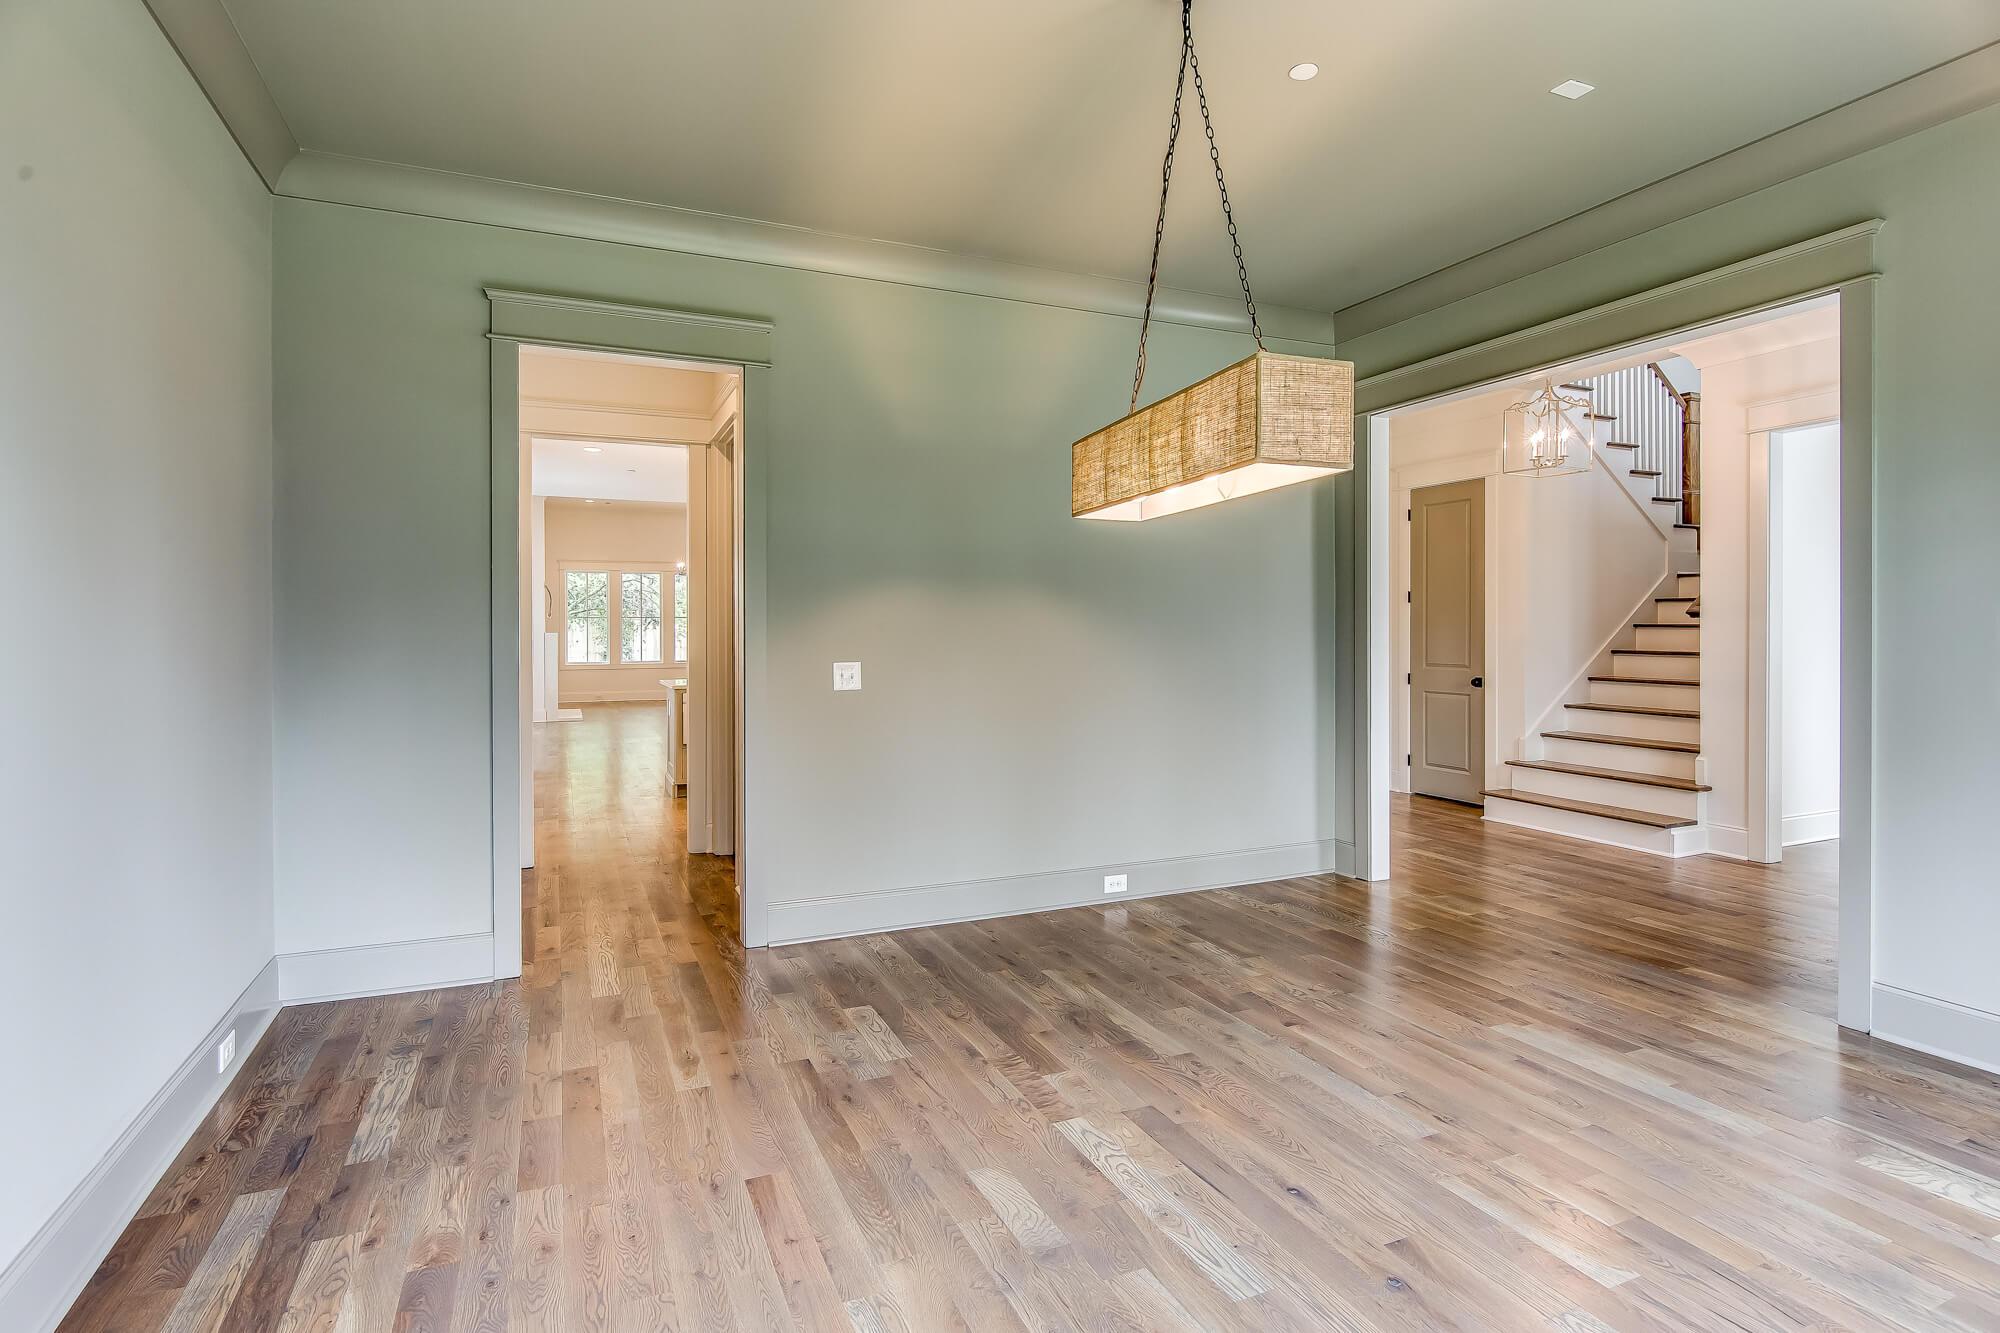 chandelier-development-nashville-tennessee-home-builder--35.jpg